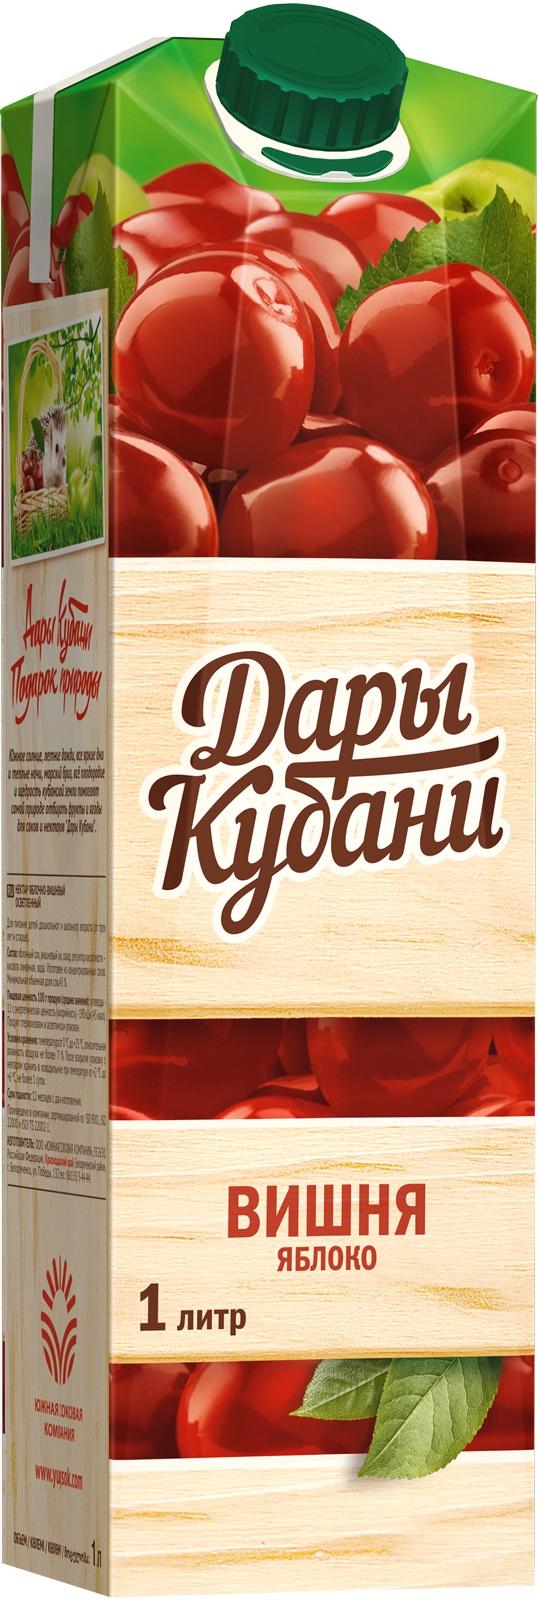 Нектар Дары Кубани яблочно-вишневый осветленный 1 л дары кубани масло подсолнечное рафинированное высший сорт 1 л